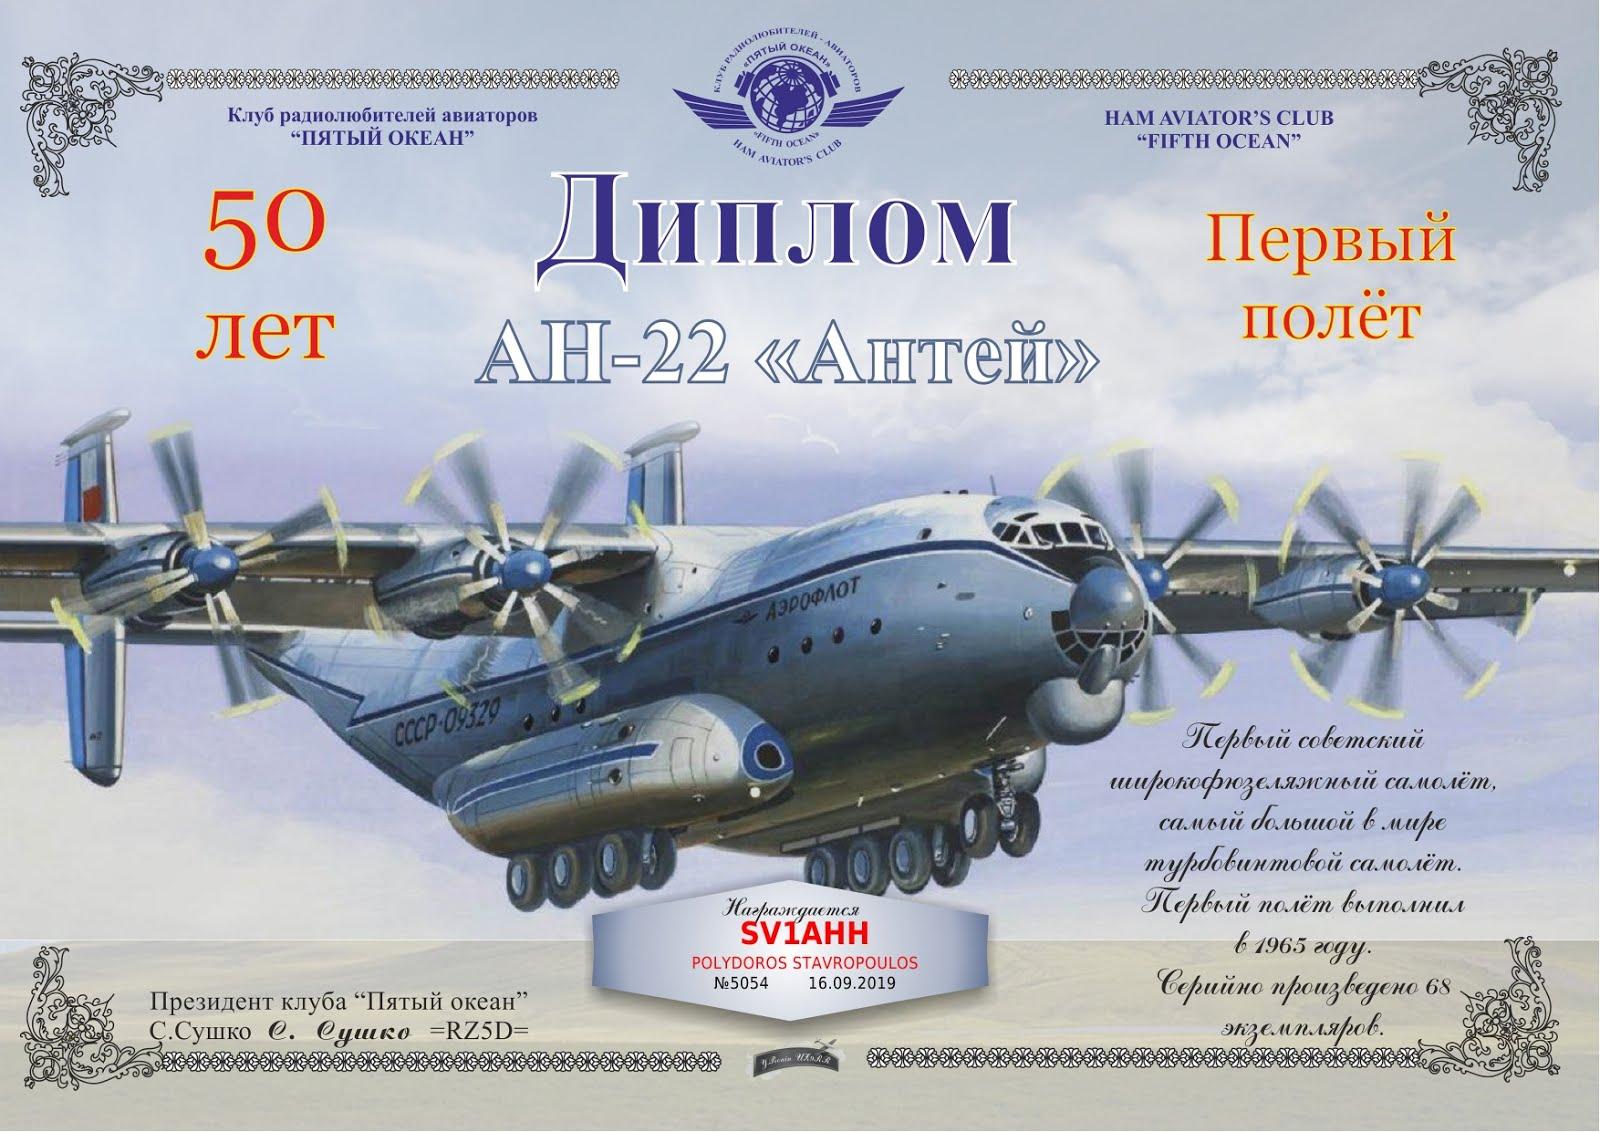 14 εξαιρετικά διπλώματα από Ρωσία !!!